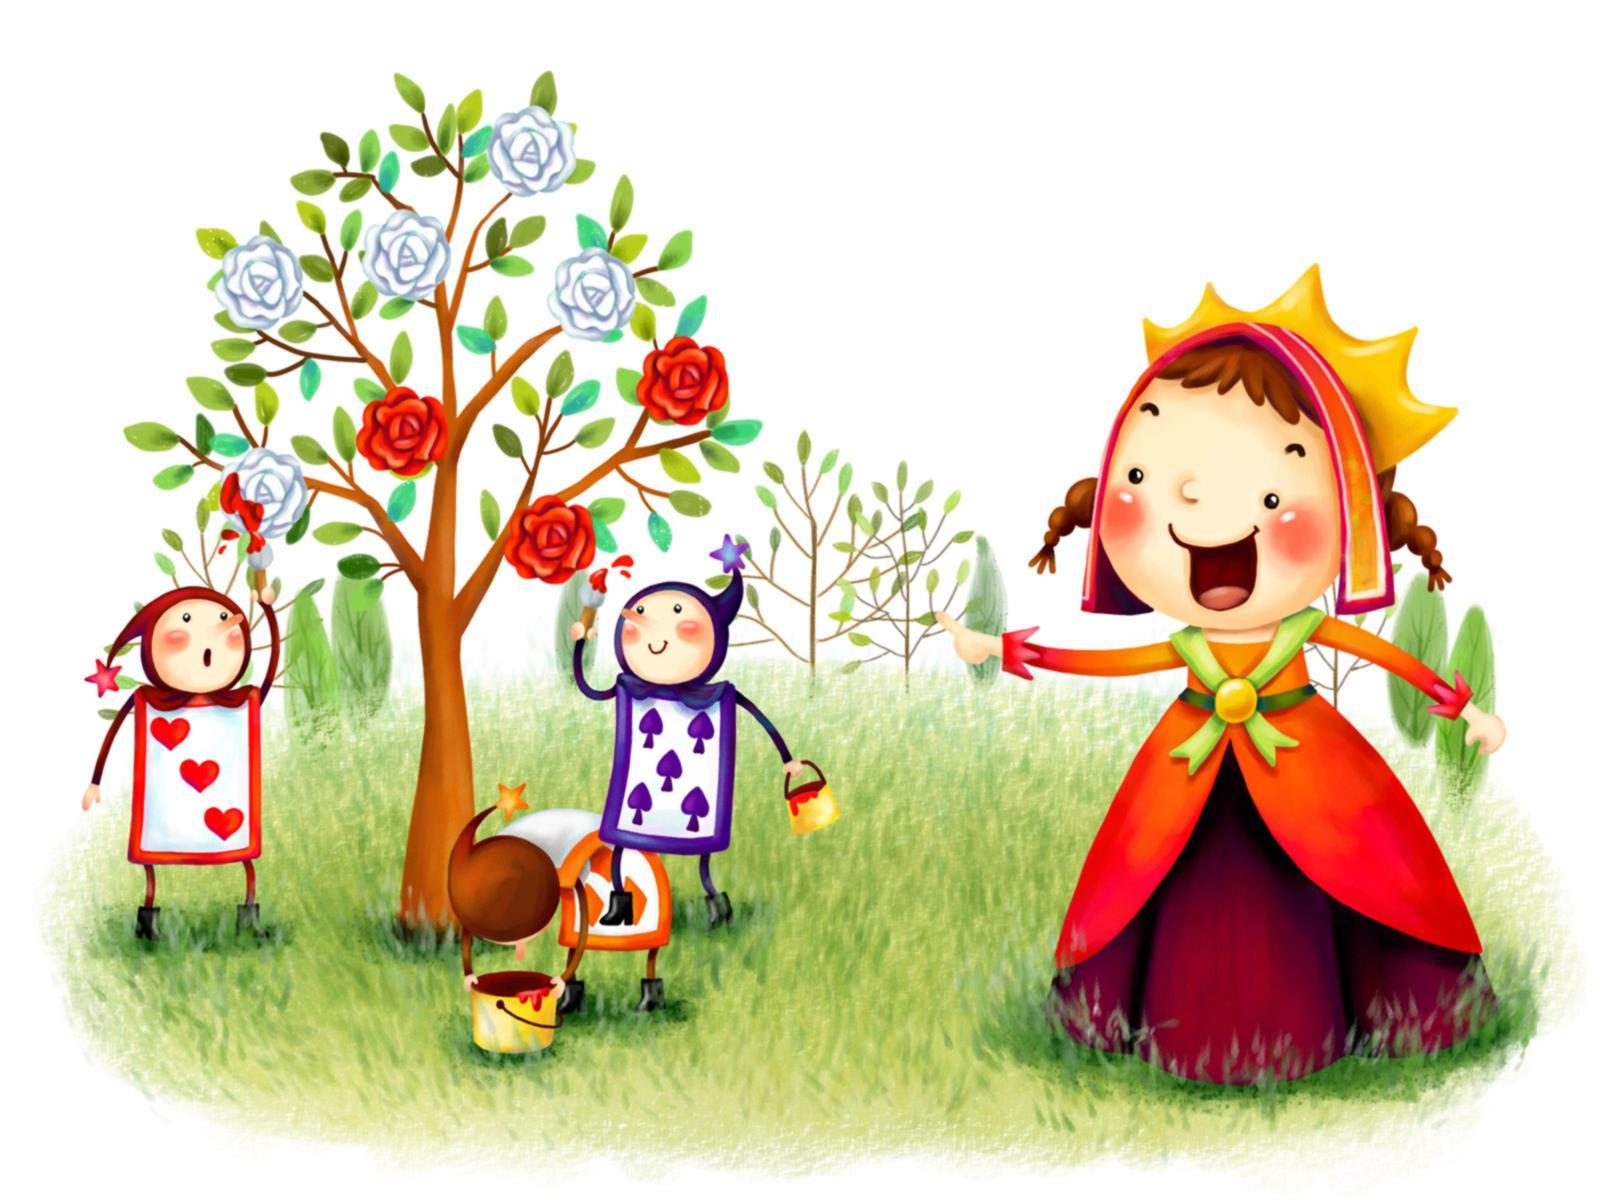 Wallpaper: Gambar Kartun Unik untuk Anak anak